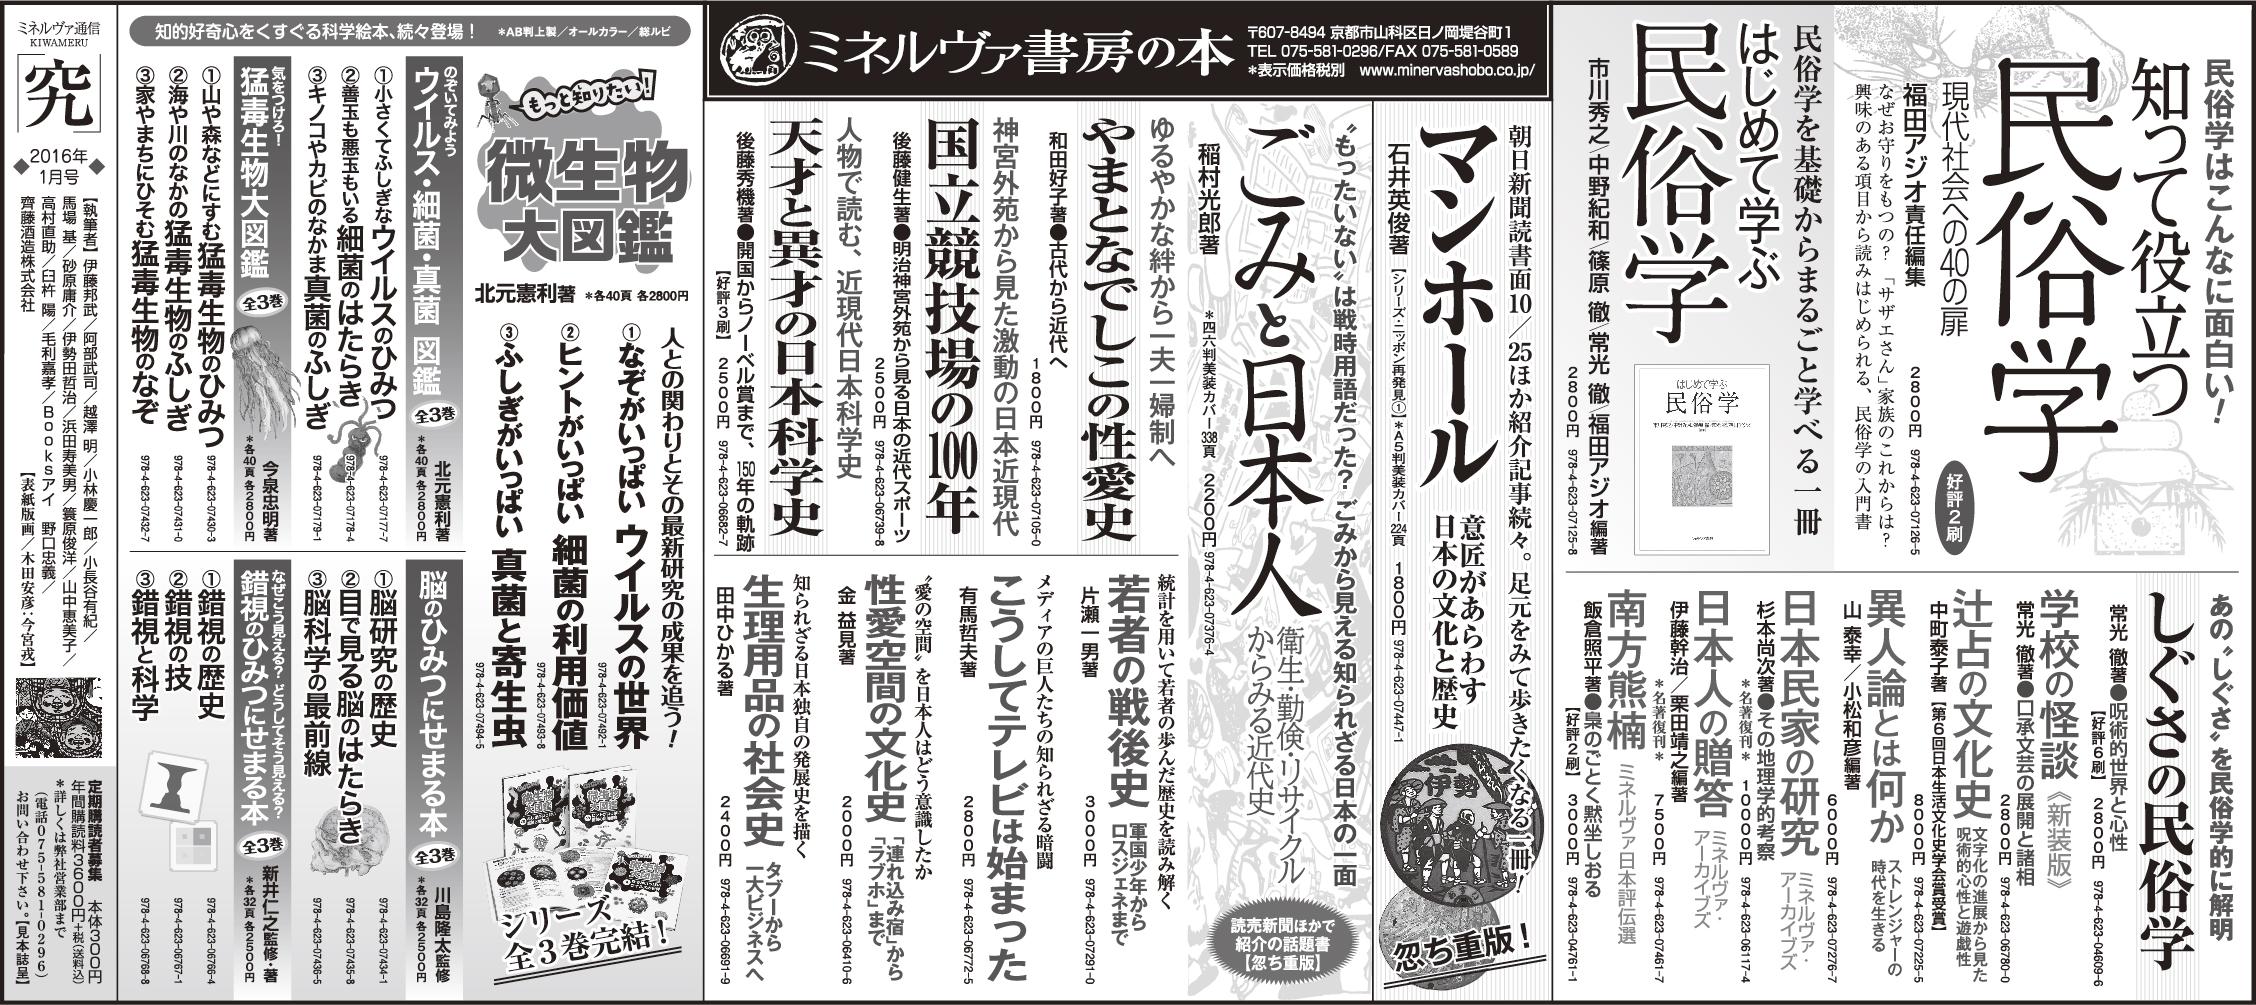 朝日新聞2016年1月10日(読書面)全5段広告